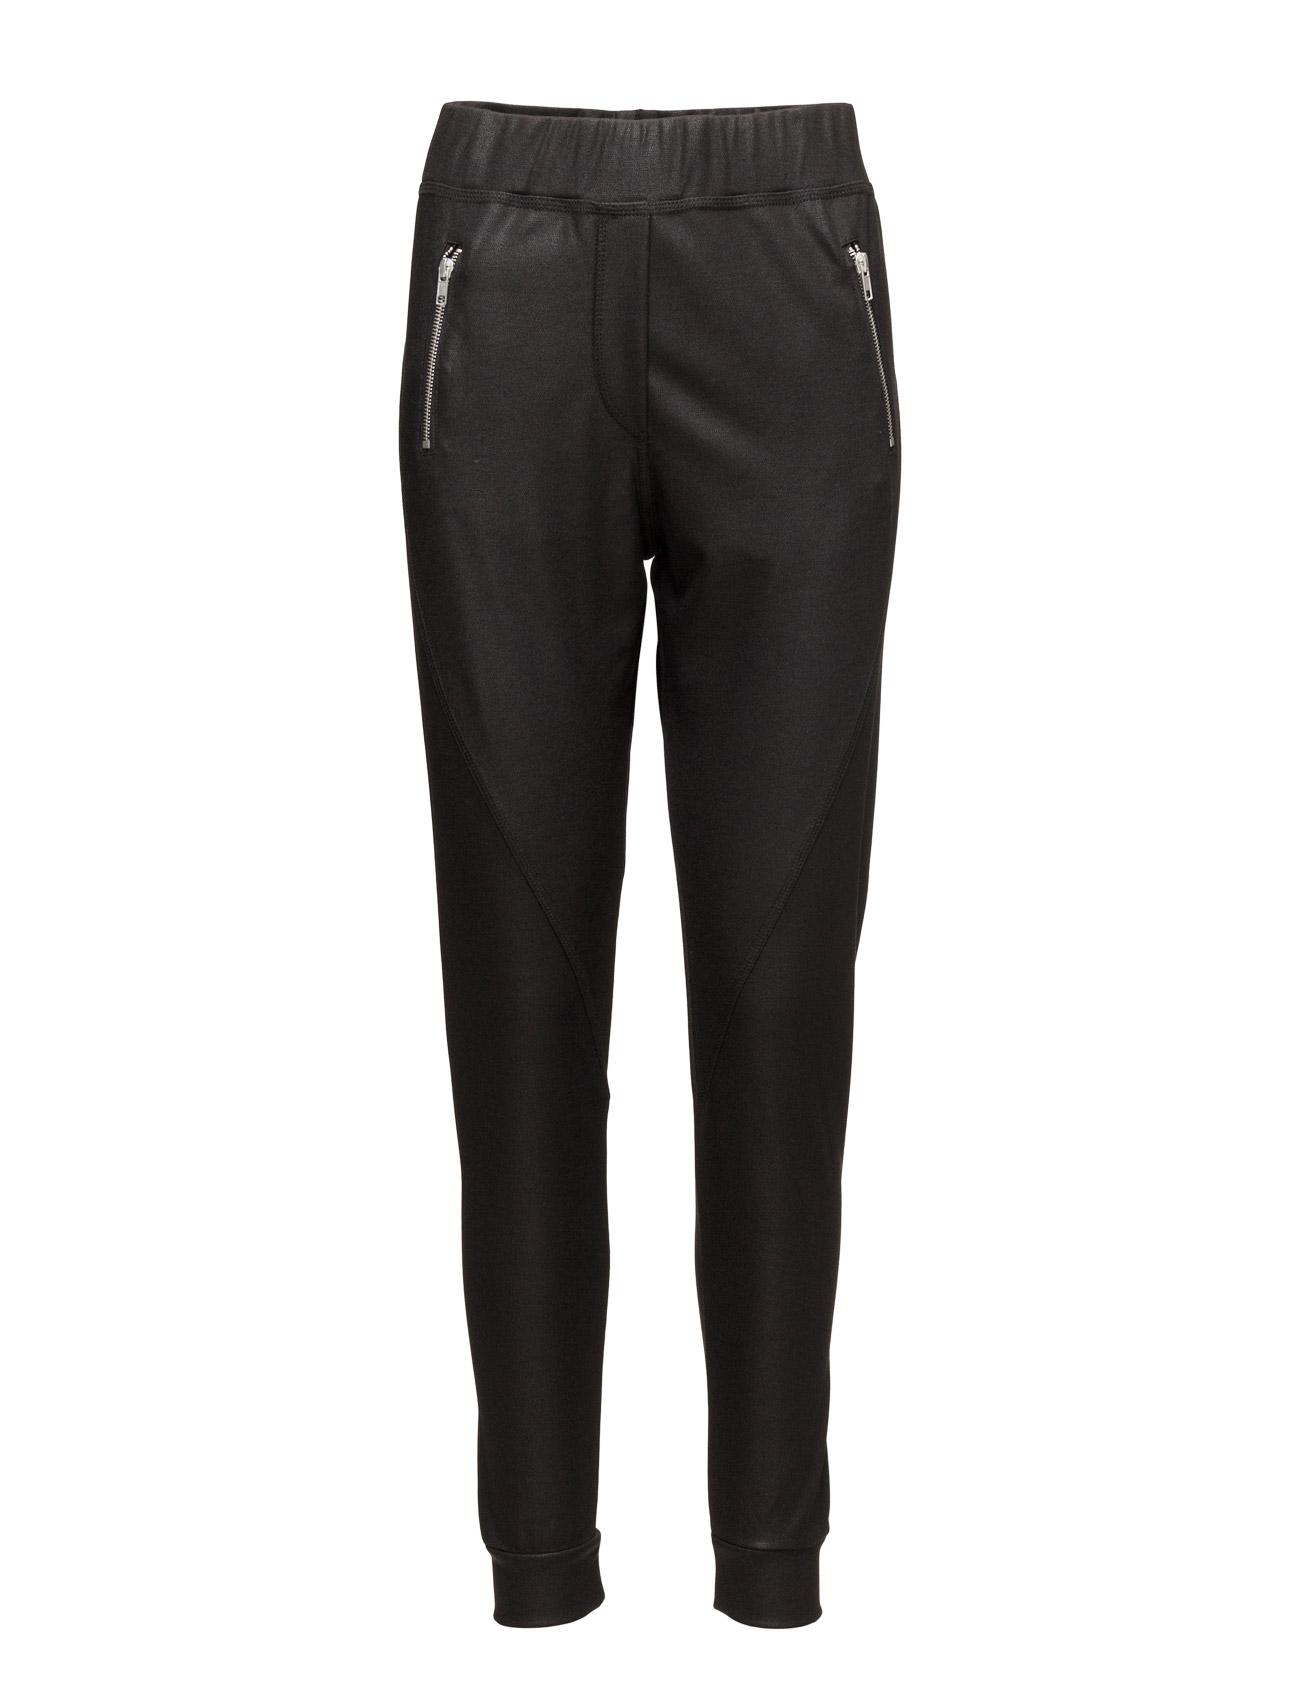 Miley 063 Zip, Current Black, Pants 2nd One Bukser til Kvinder i